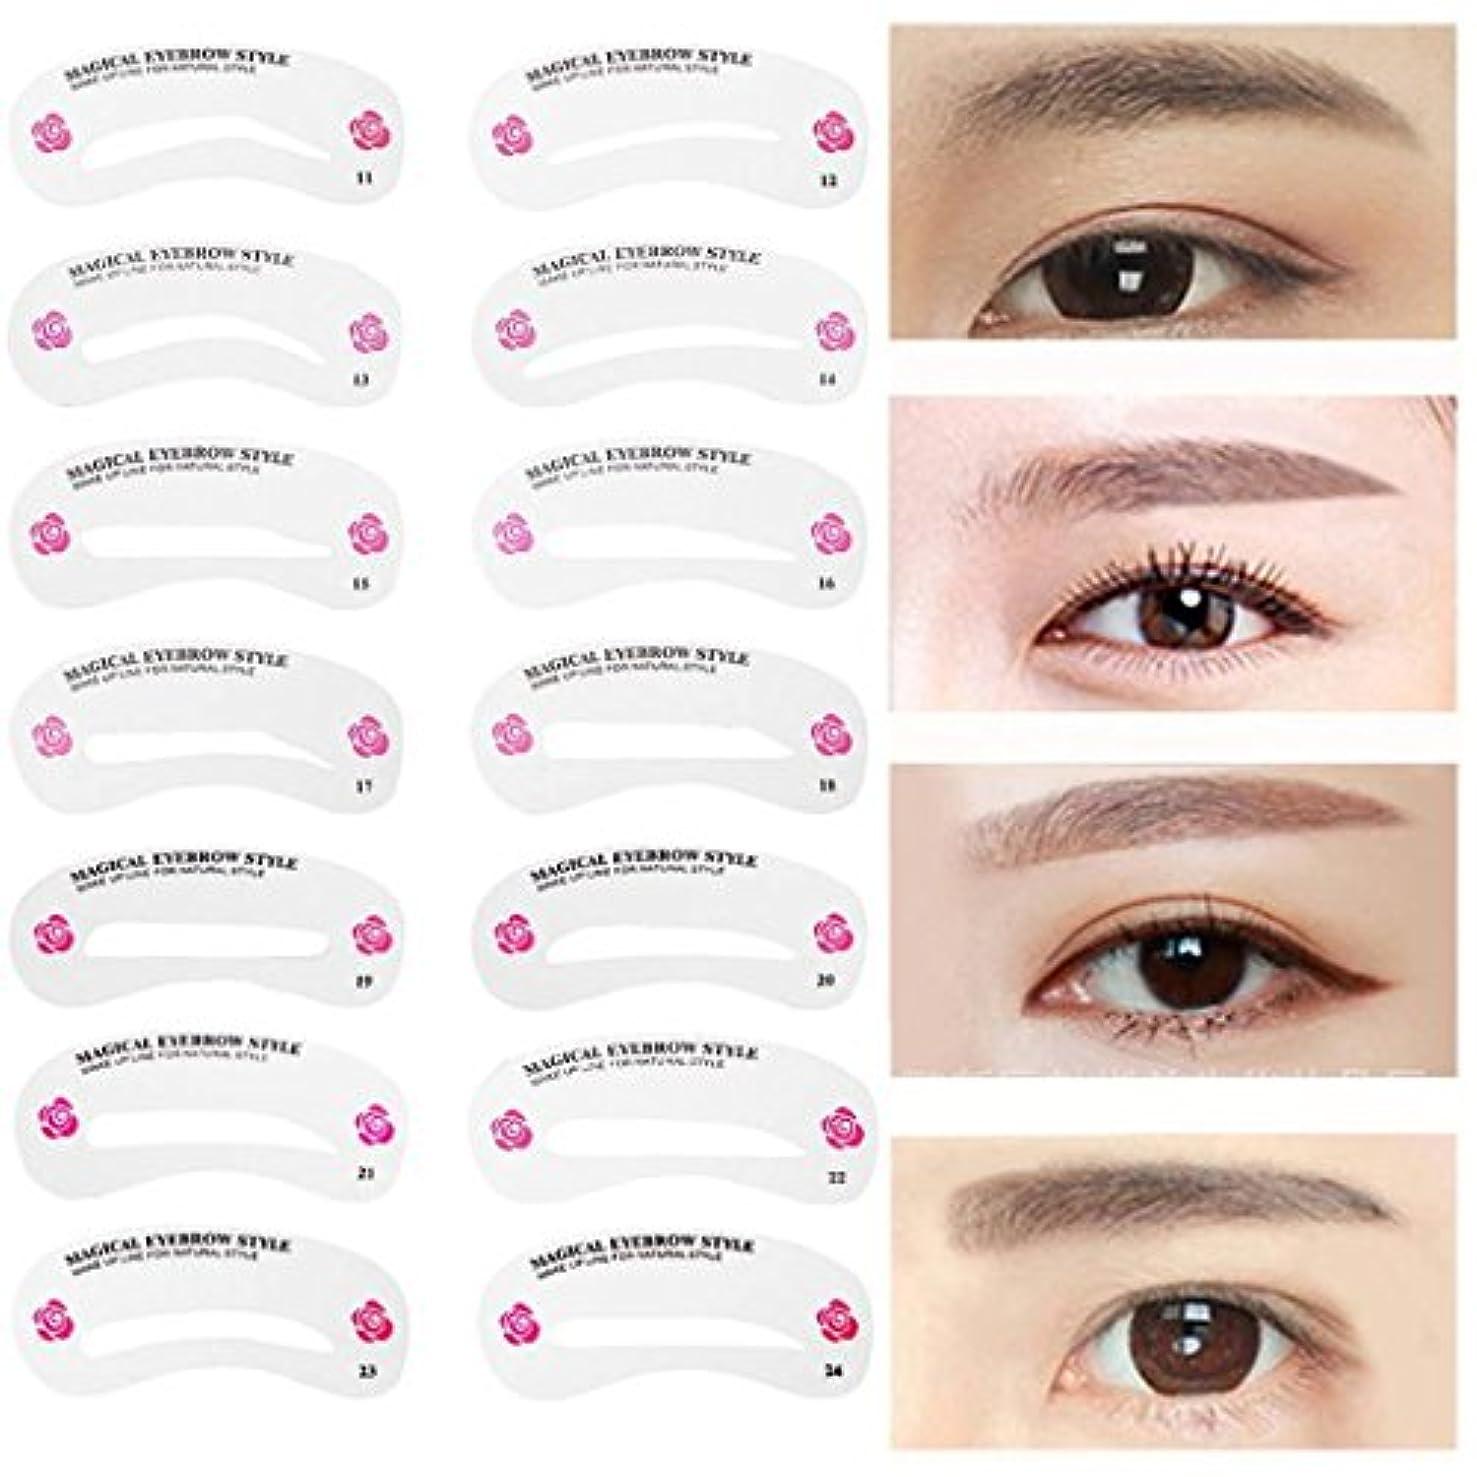 断線乱暴な永続MNoel 24種類 眉毛テンプレート24枚セット 太眉対応 24パターン 眉毛を気分で使い分け 眉用ステンシル